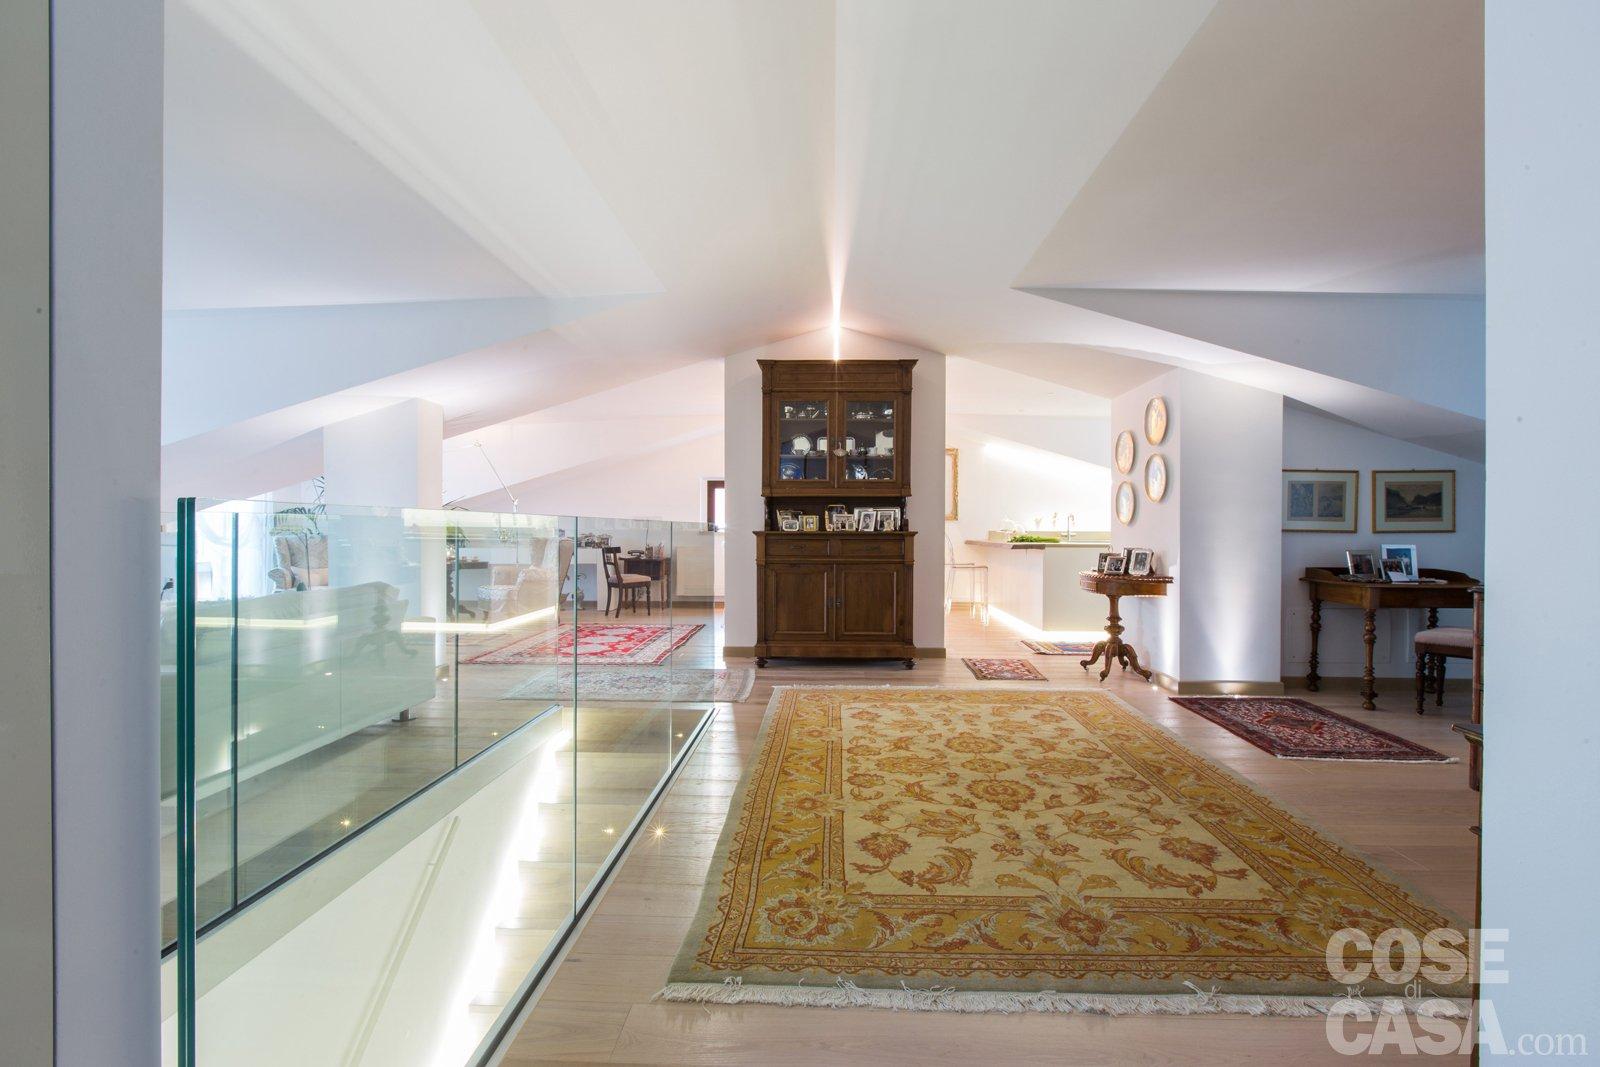 Pi luce nell 39 attico con mansarda cose di casa for Case moderne sotto 100k